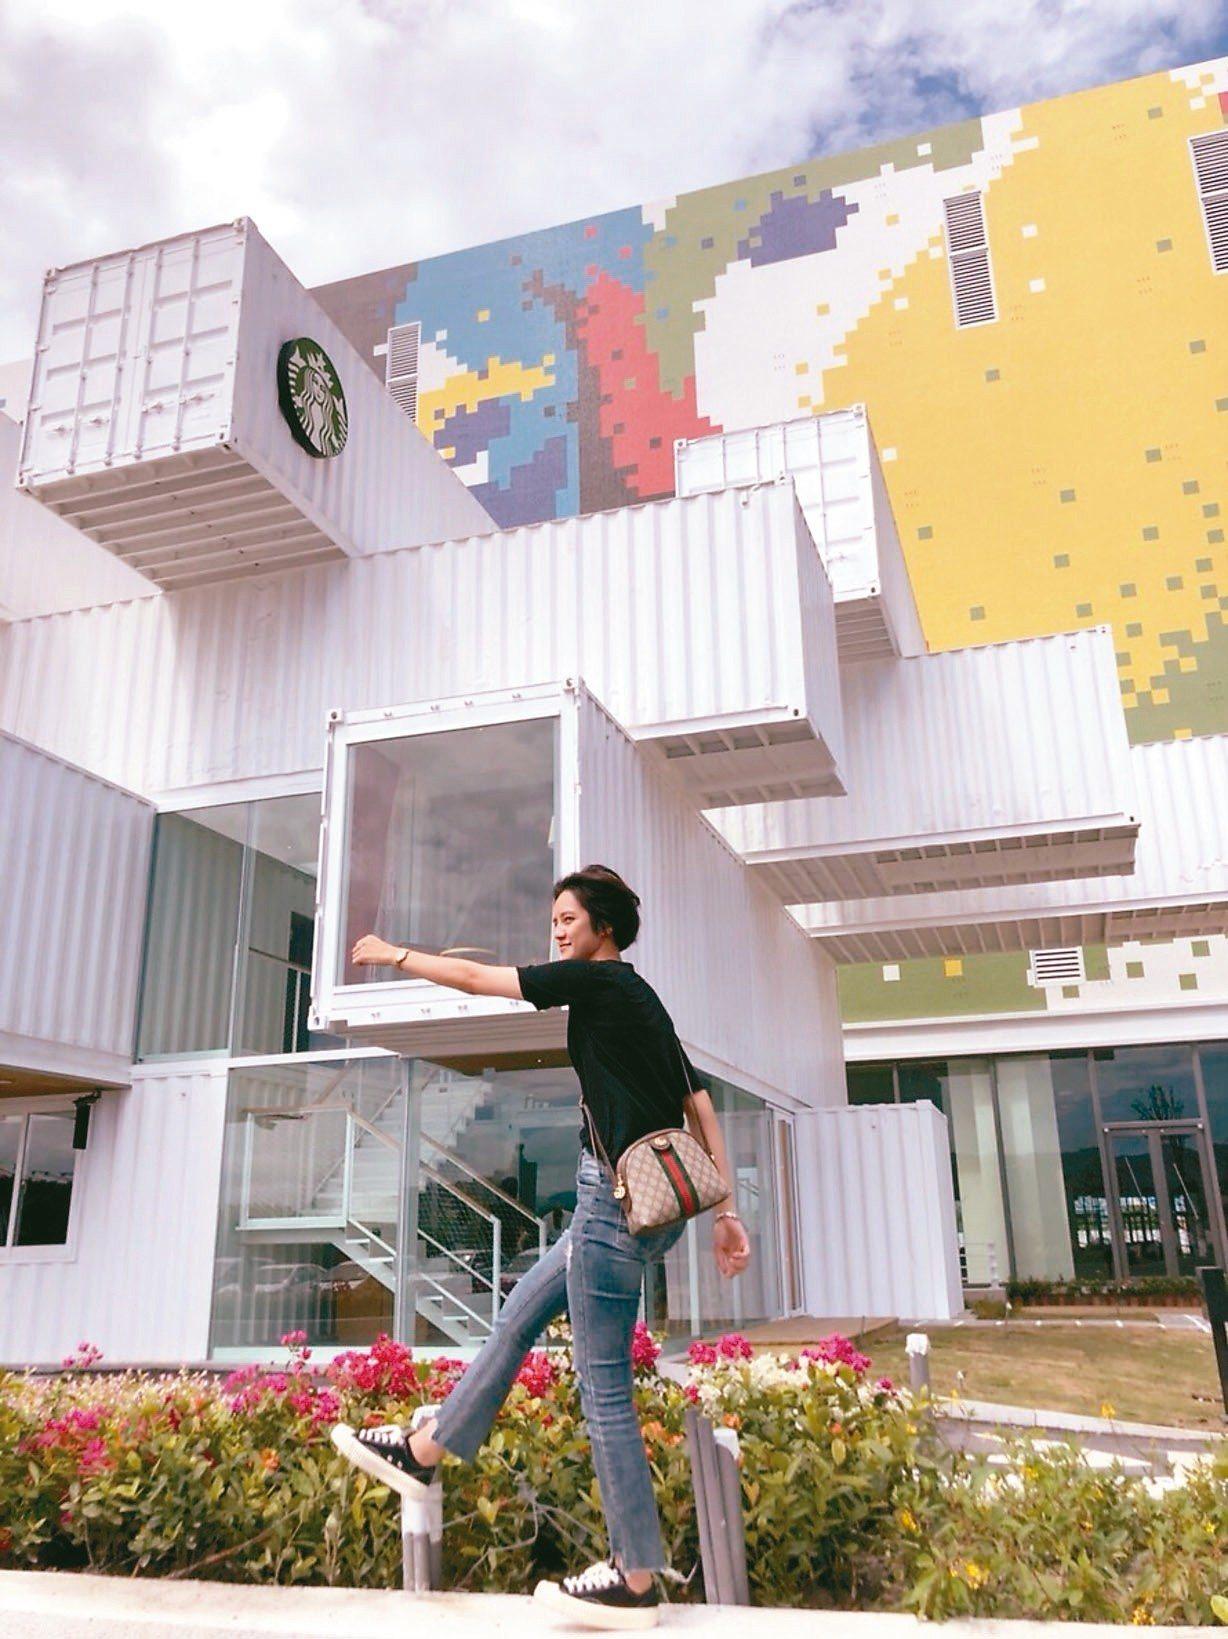 花蓮星巴克貨櫃屋去年開放,成為打卡拍照的爆紅景點。 記者王燕華/攝影